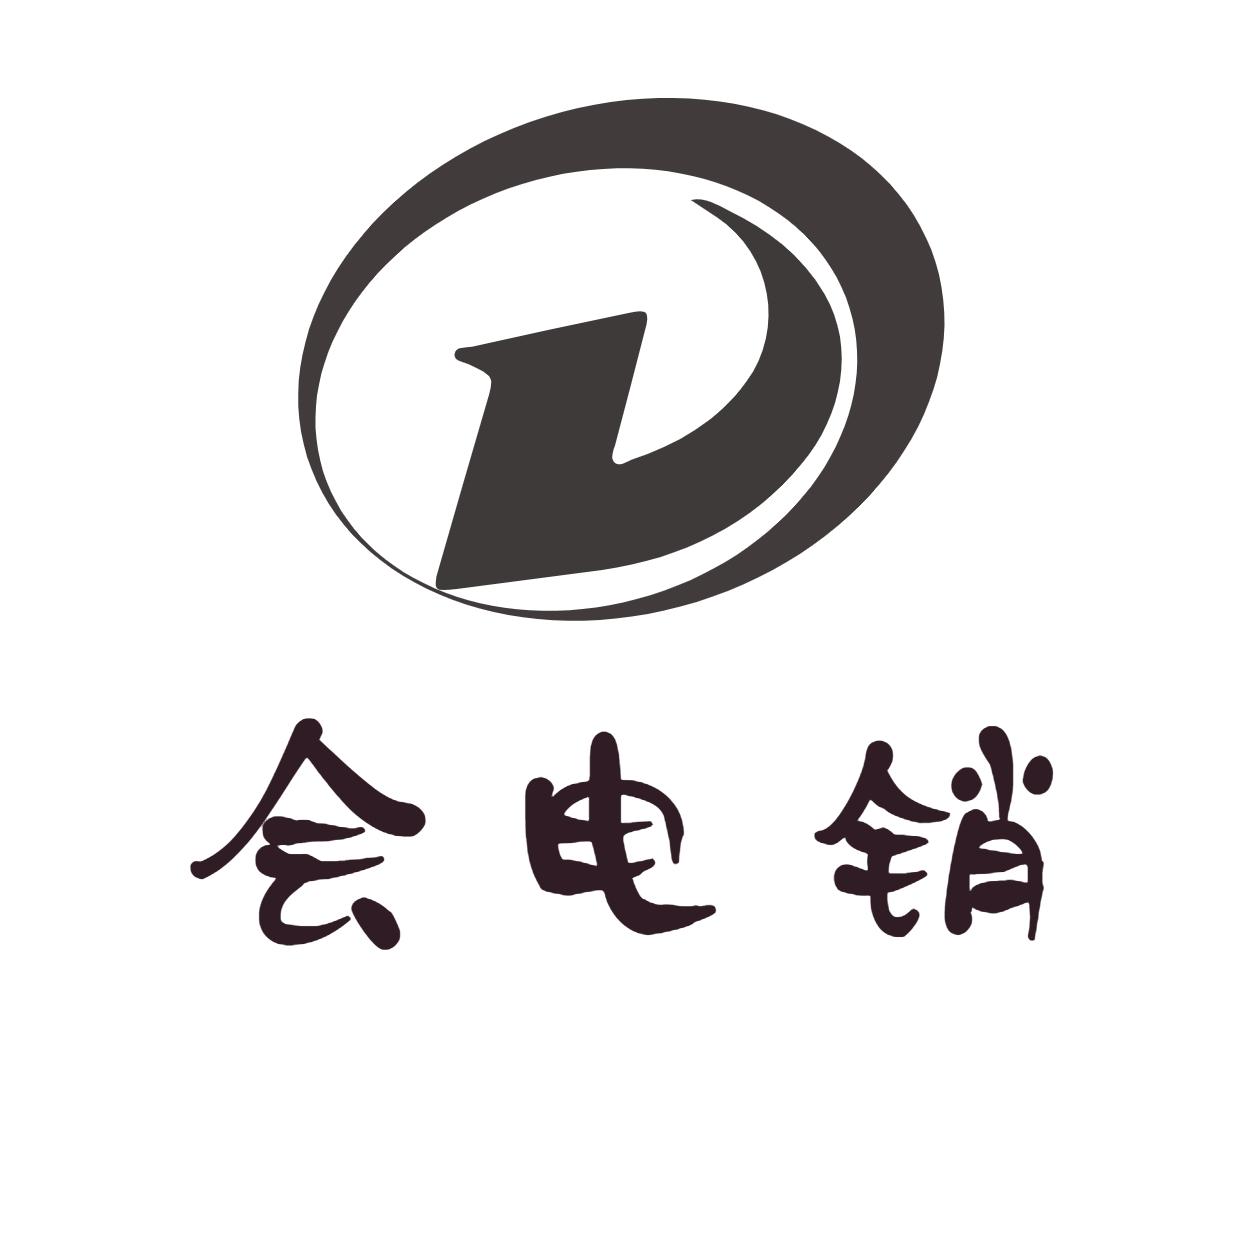 郑州白名单电销卡办理